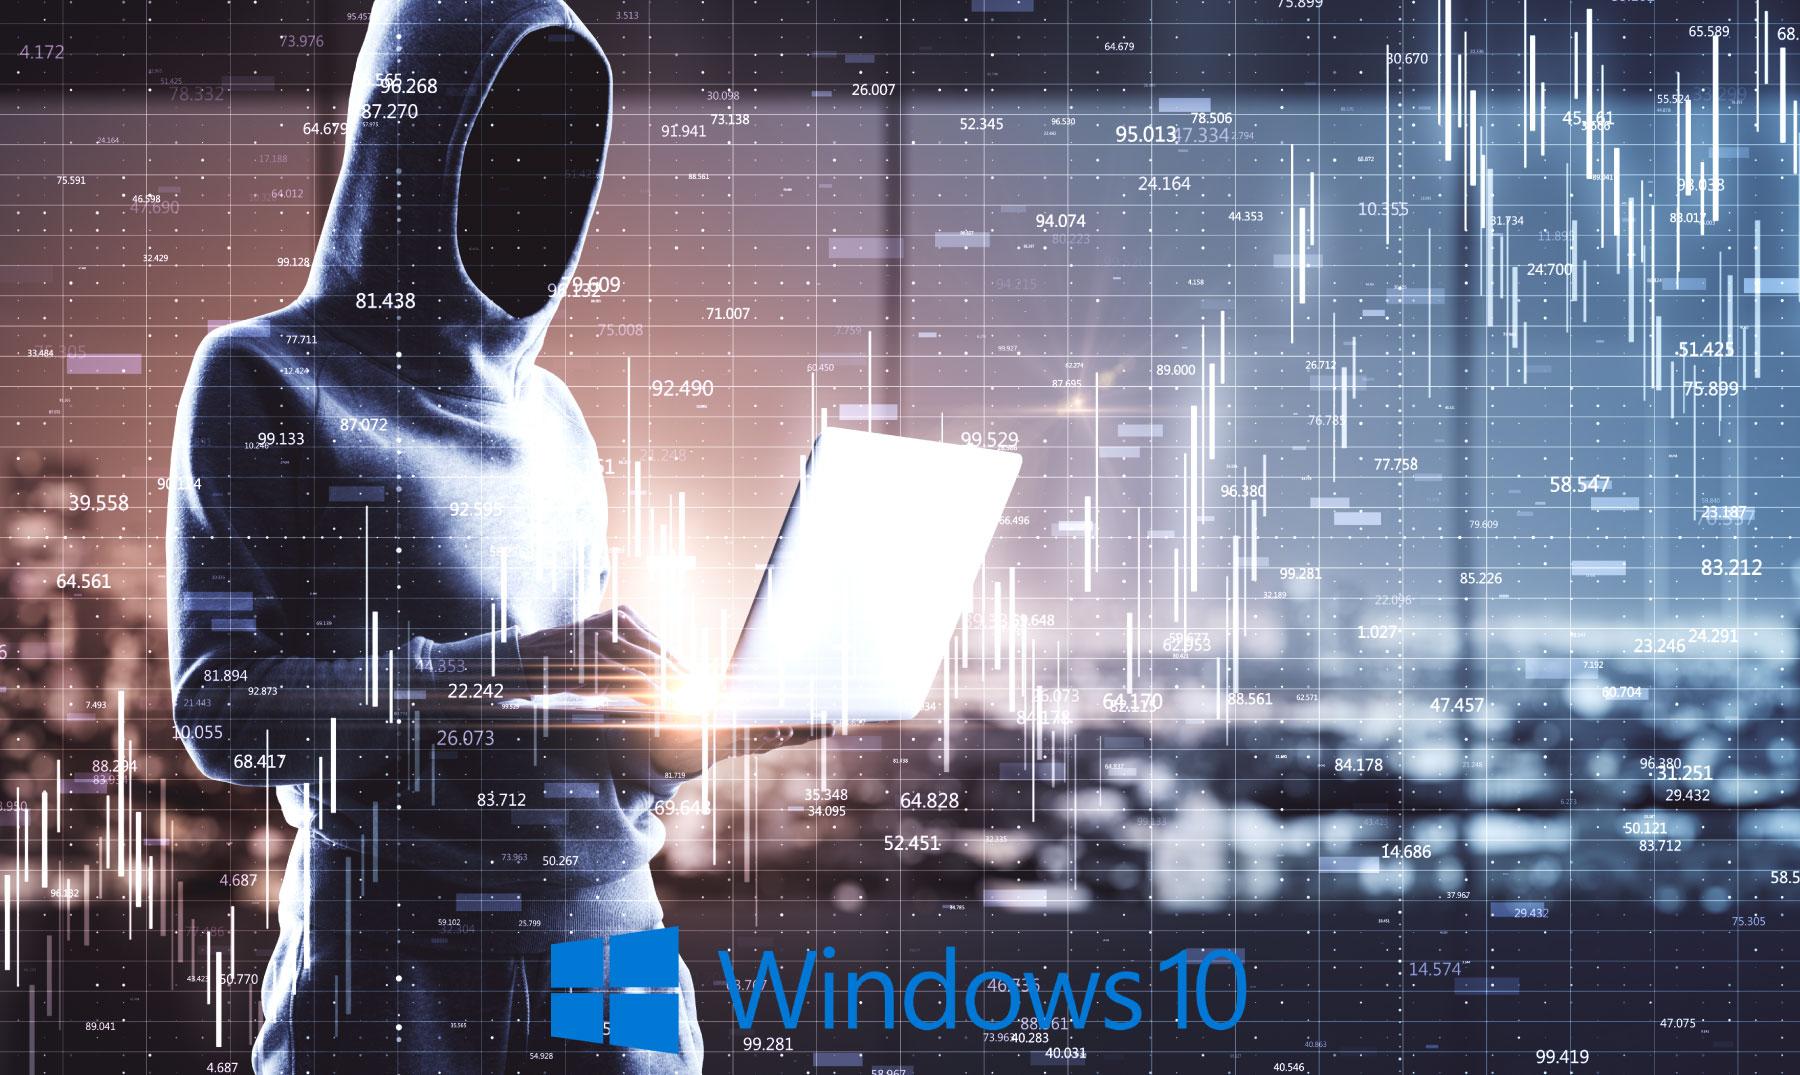 10 increíbles hacks de registro de Windows 10 que no sabias